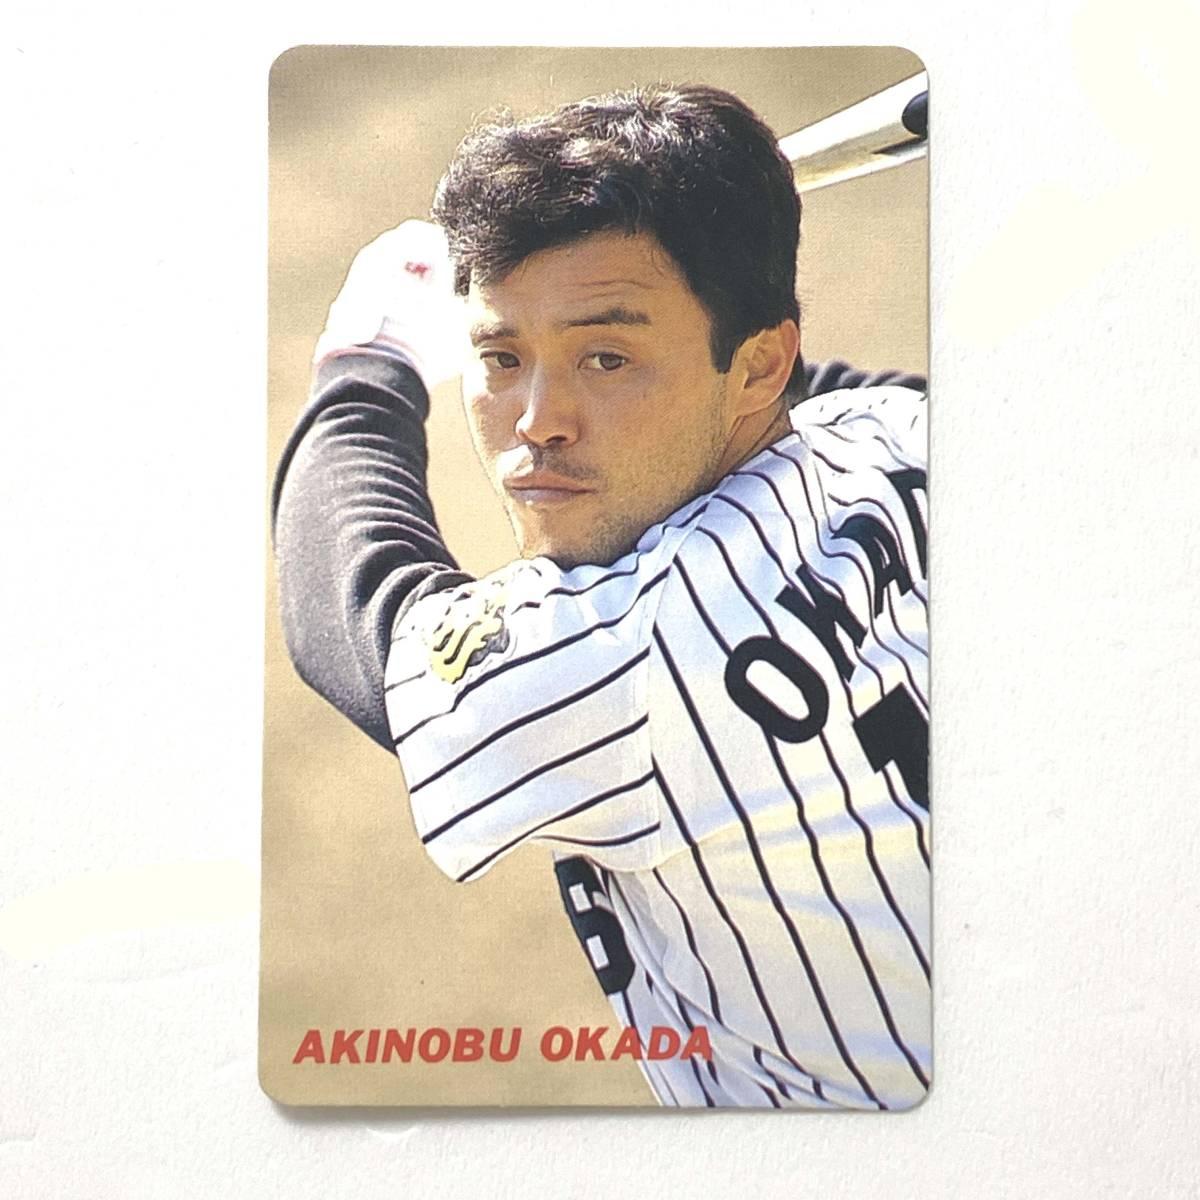 FP【当時もの】カルビー 野球 カード 1991年 No.12 岡田彰布 阪神タイガース プロ野球チップス_画像1